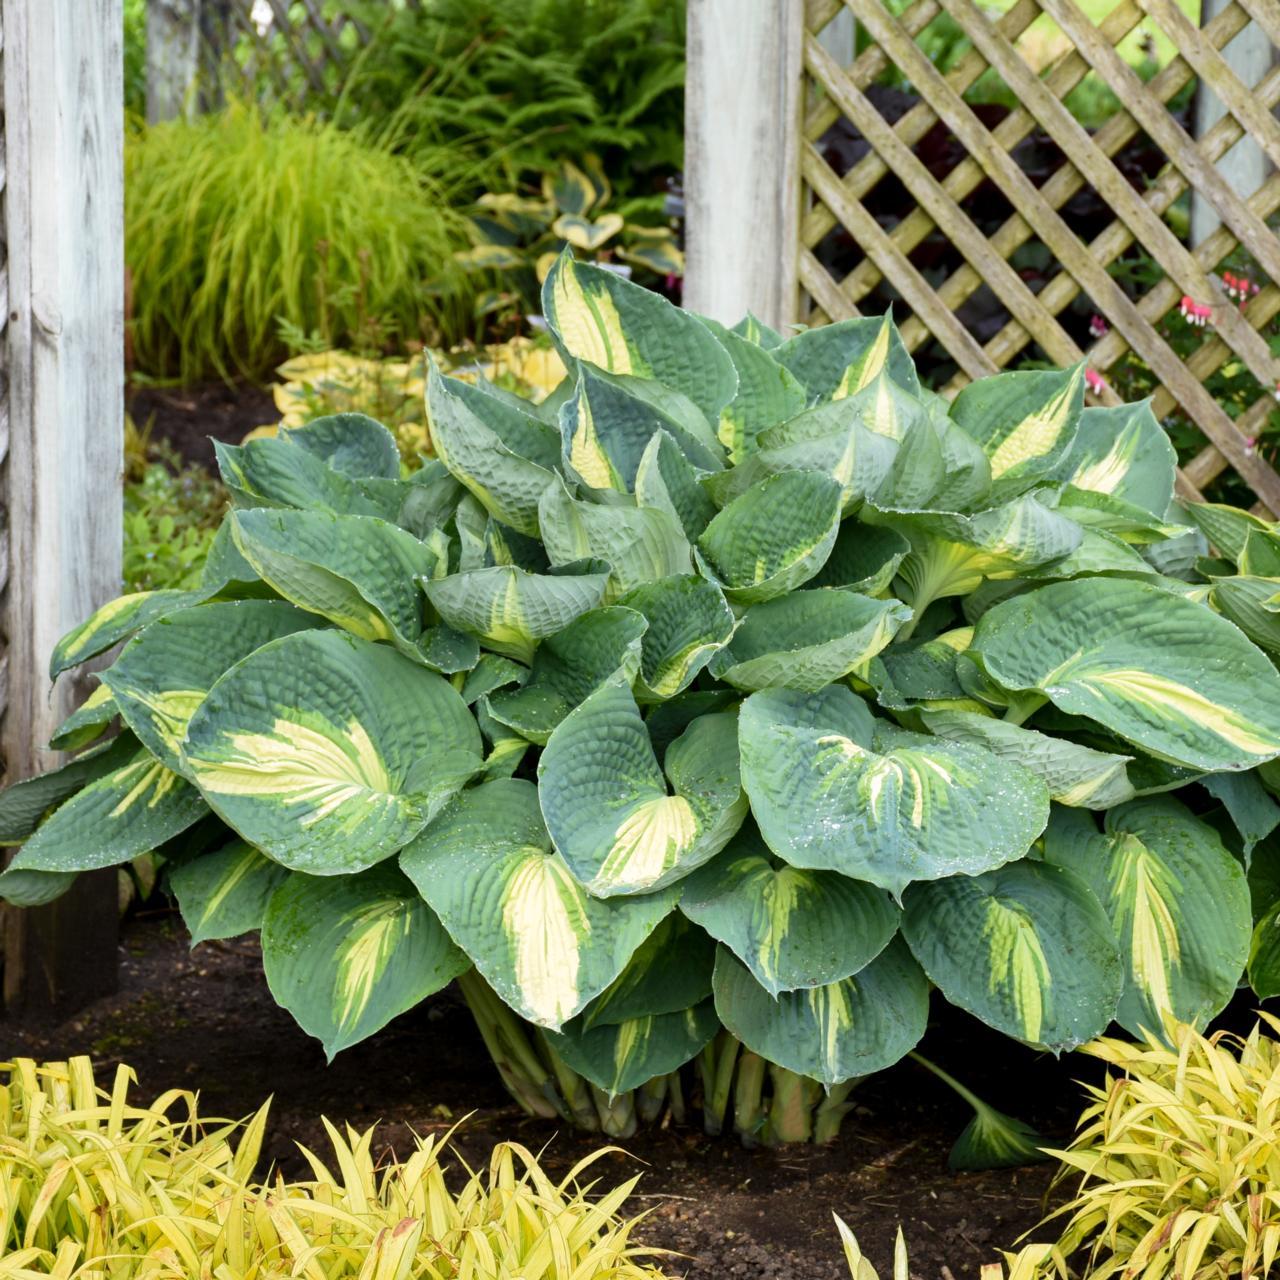 Hosta 'Hudson Bay' plant